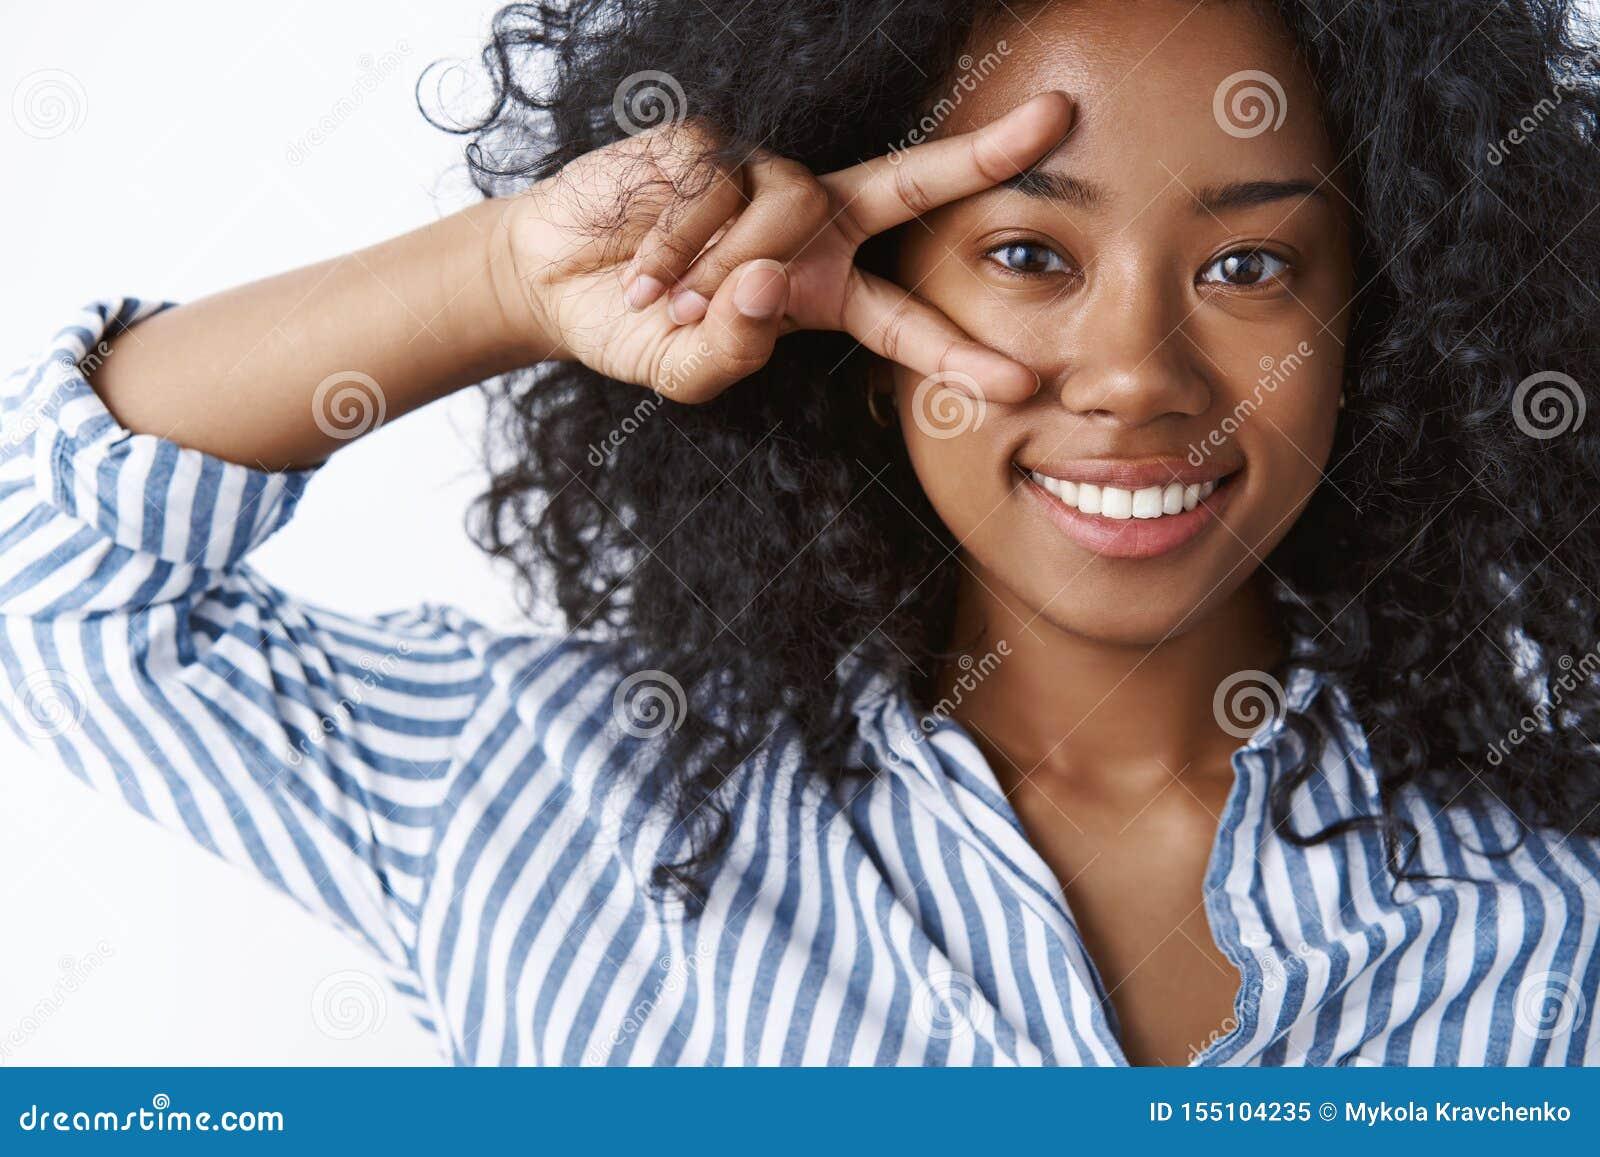 女孩喜欢显示和平标志的芳香树脂 画象感情无忧无虑的愉快的深色皮肤的年轻女人卷曲发型做迪斯科